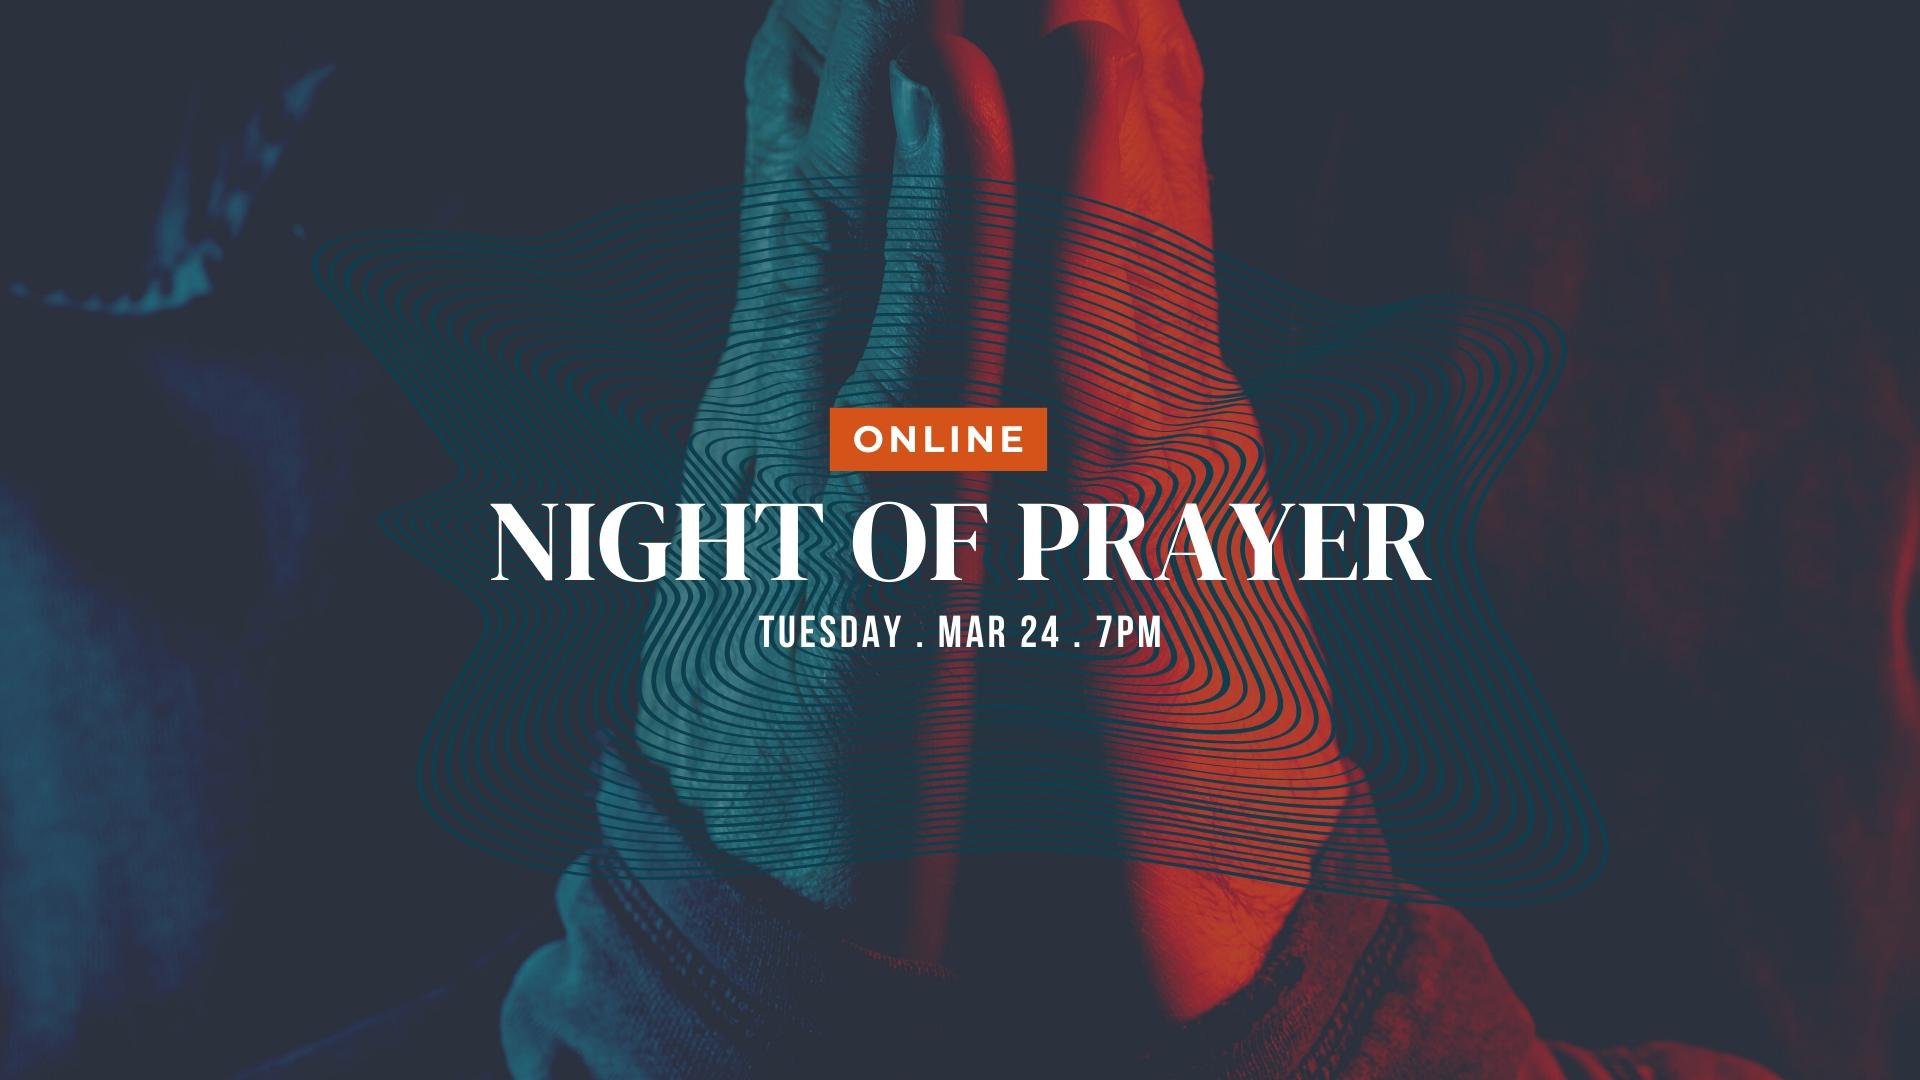 Prayer Night – Online